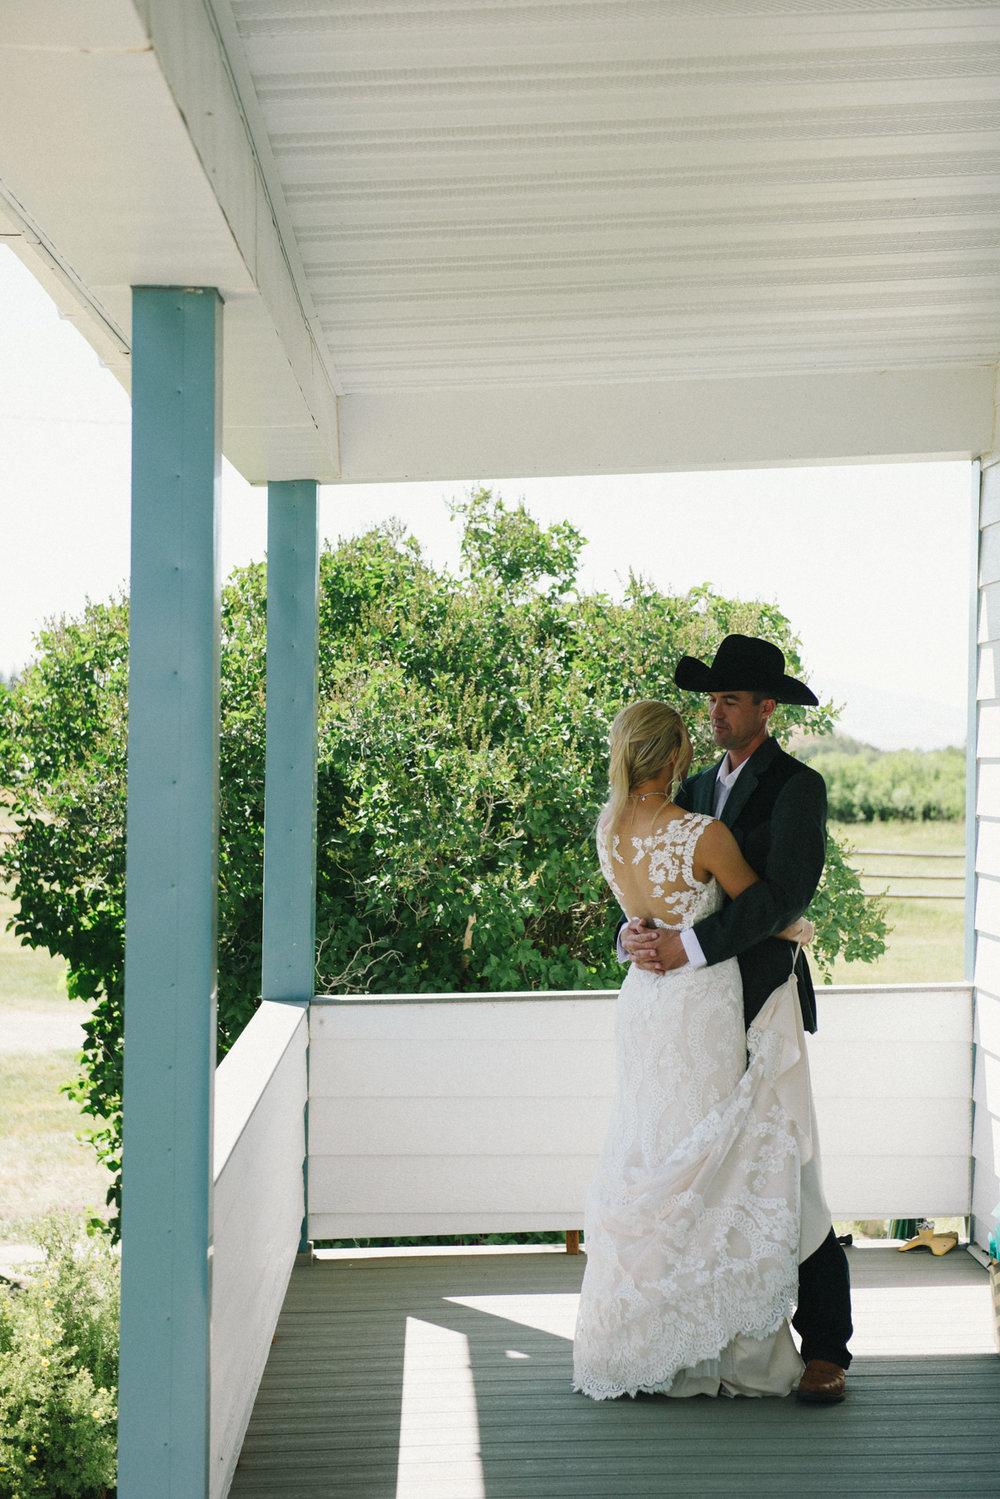 Erica Lind + Jeff Heim Wedding_Rustic Wedding_Montana Wedding_Kelsey Lane Photography-1214.jpg